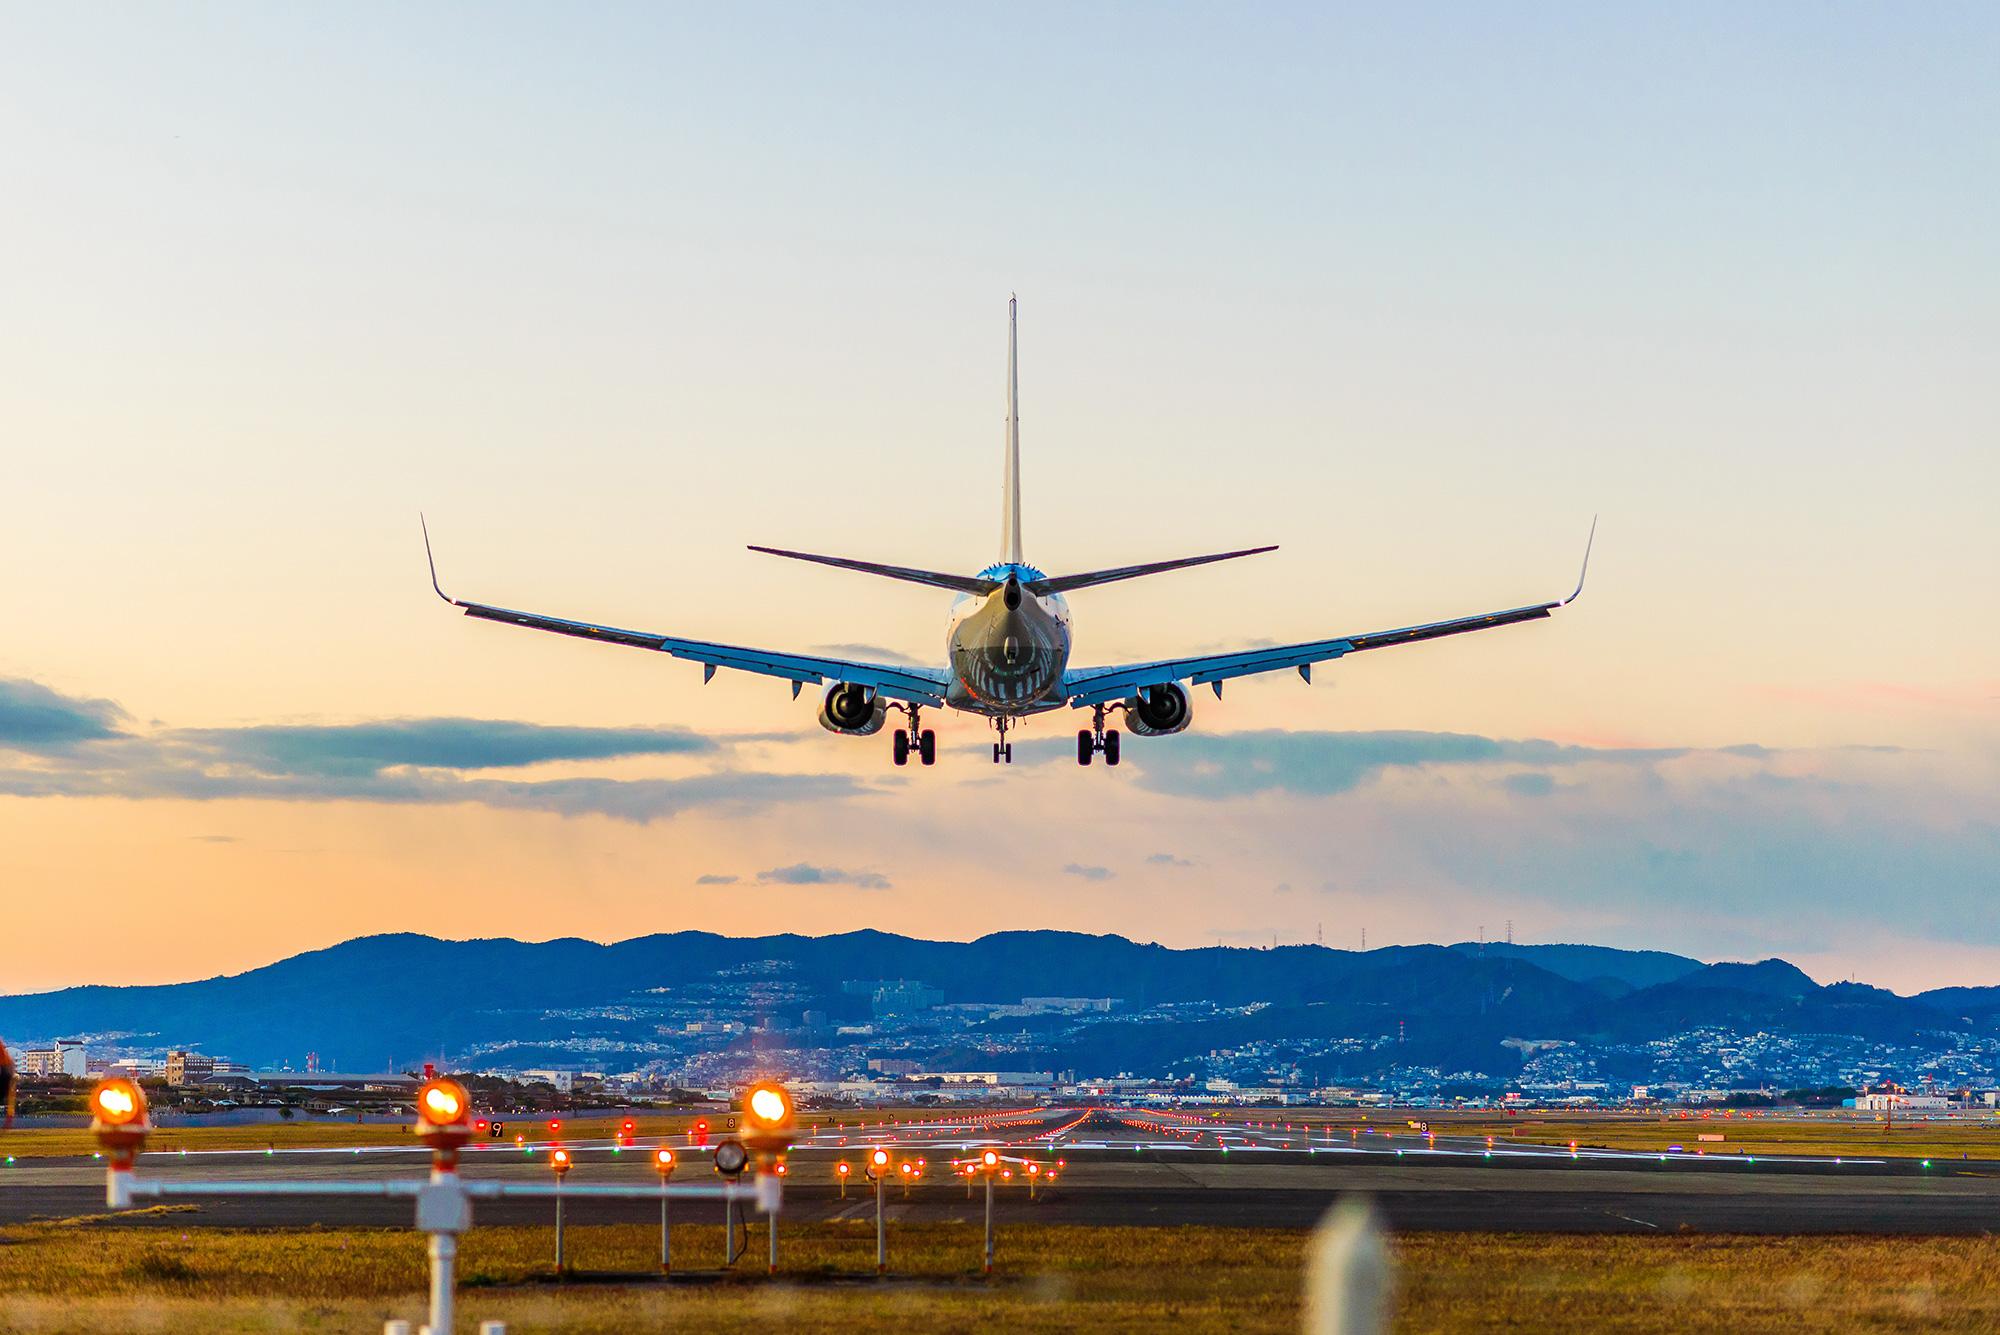 A rien quel est le futur plus grand a roport du monde - Quel est le plus grand porte avion du monde ...